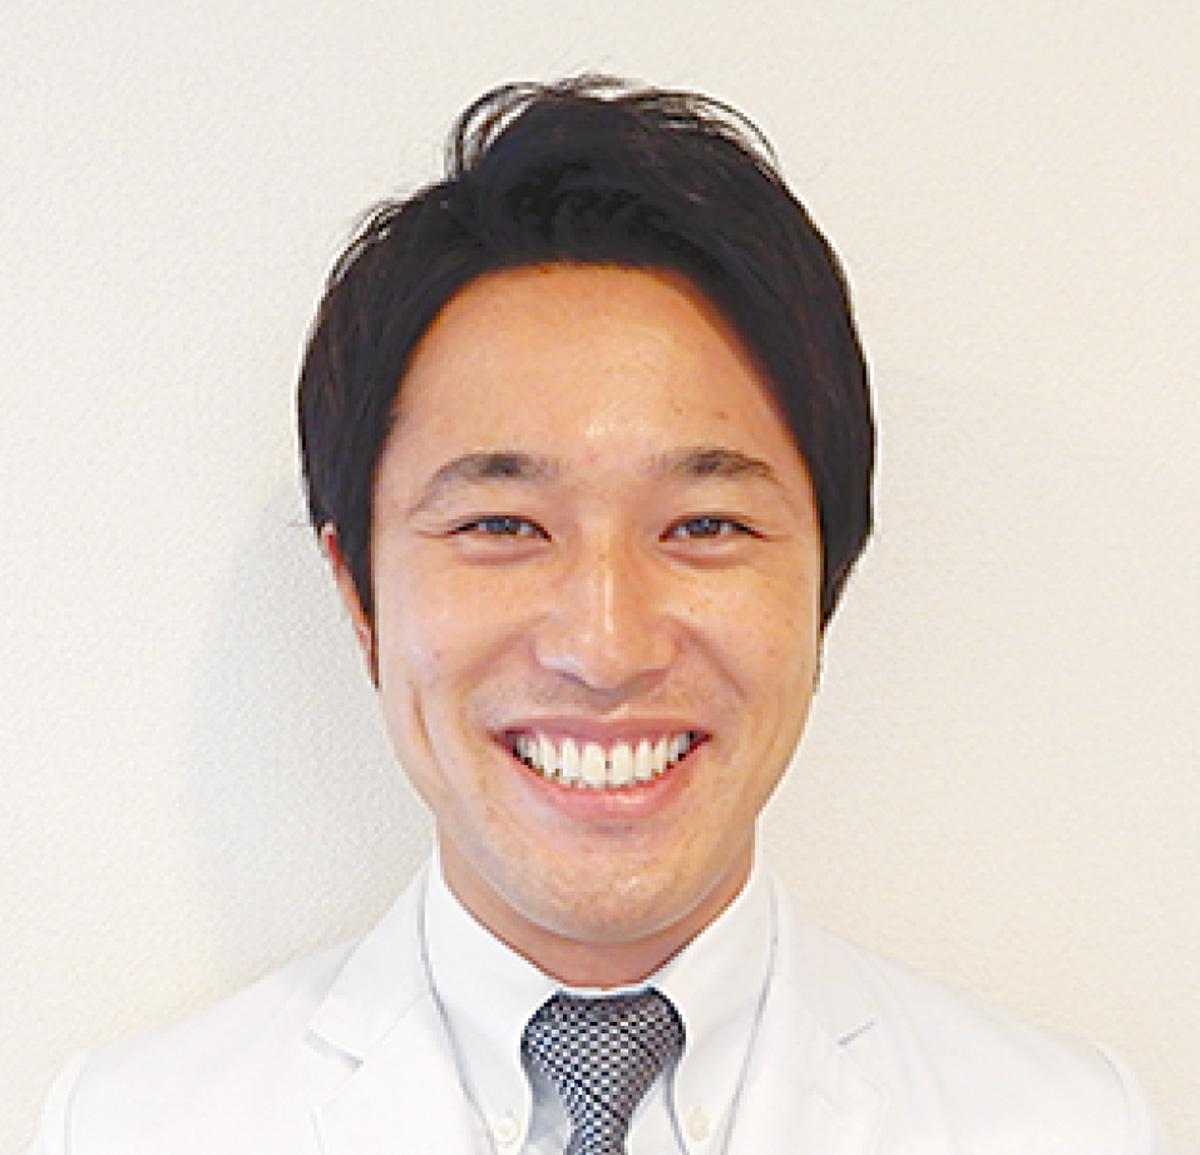 13人の歯科医が診療する歯医者さん